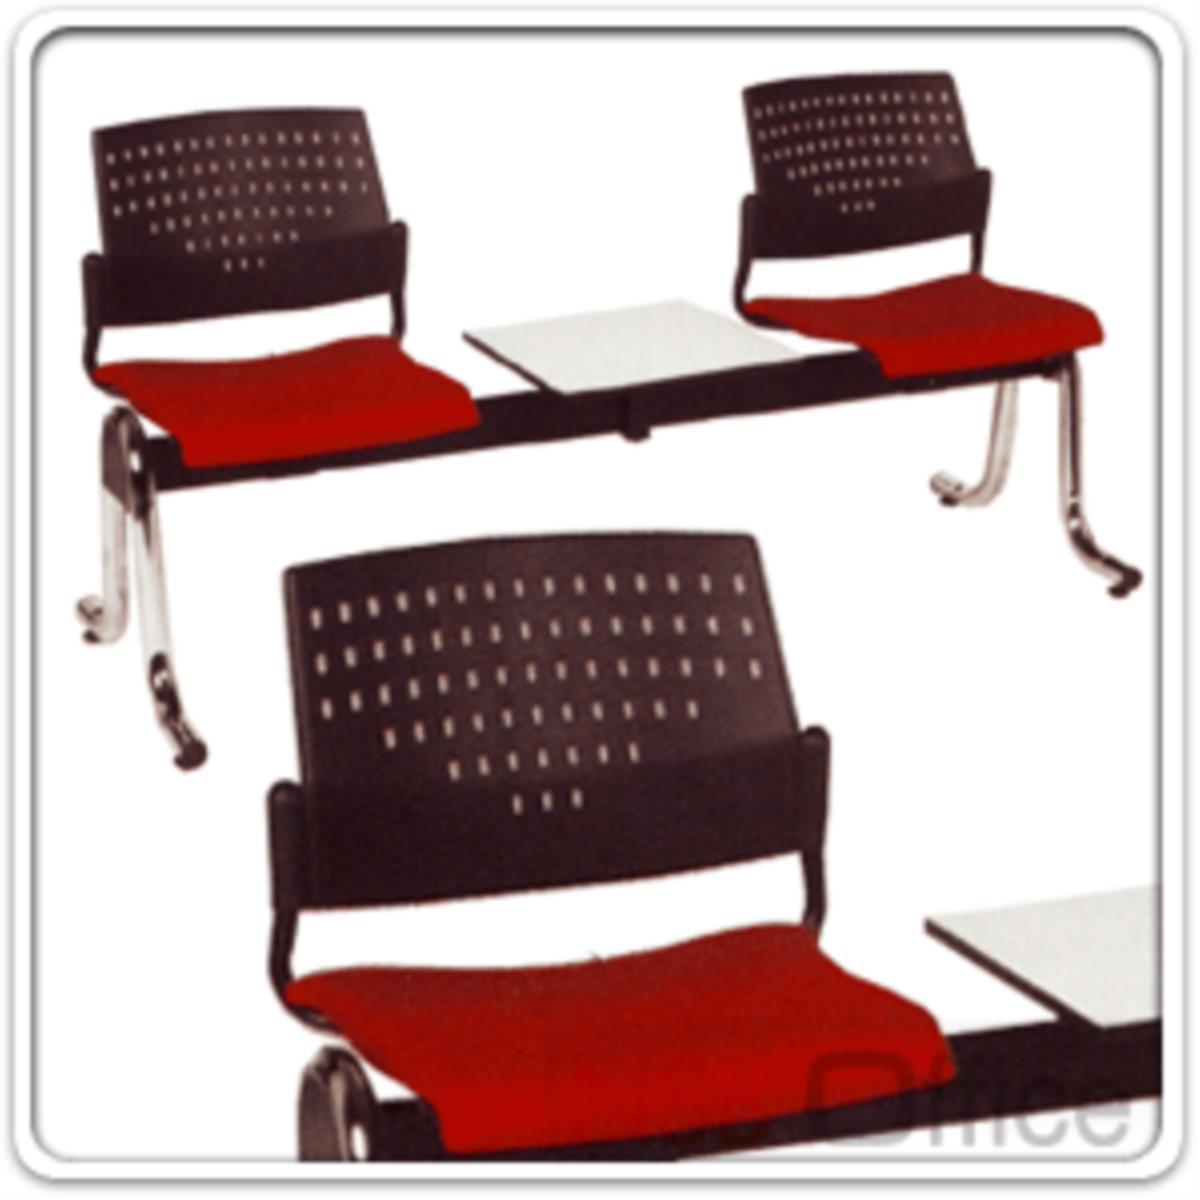 เก้าอี้นั่งคอยเฟรมโพลี่ รุ่น B326 2+1, 3+1 ที่นั่ง มีที่วางของ ขาเหล็กโครเมี่ยม